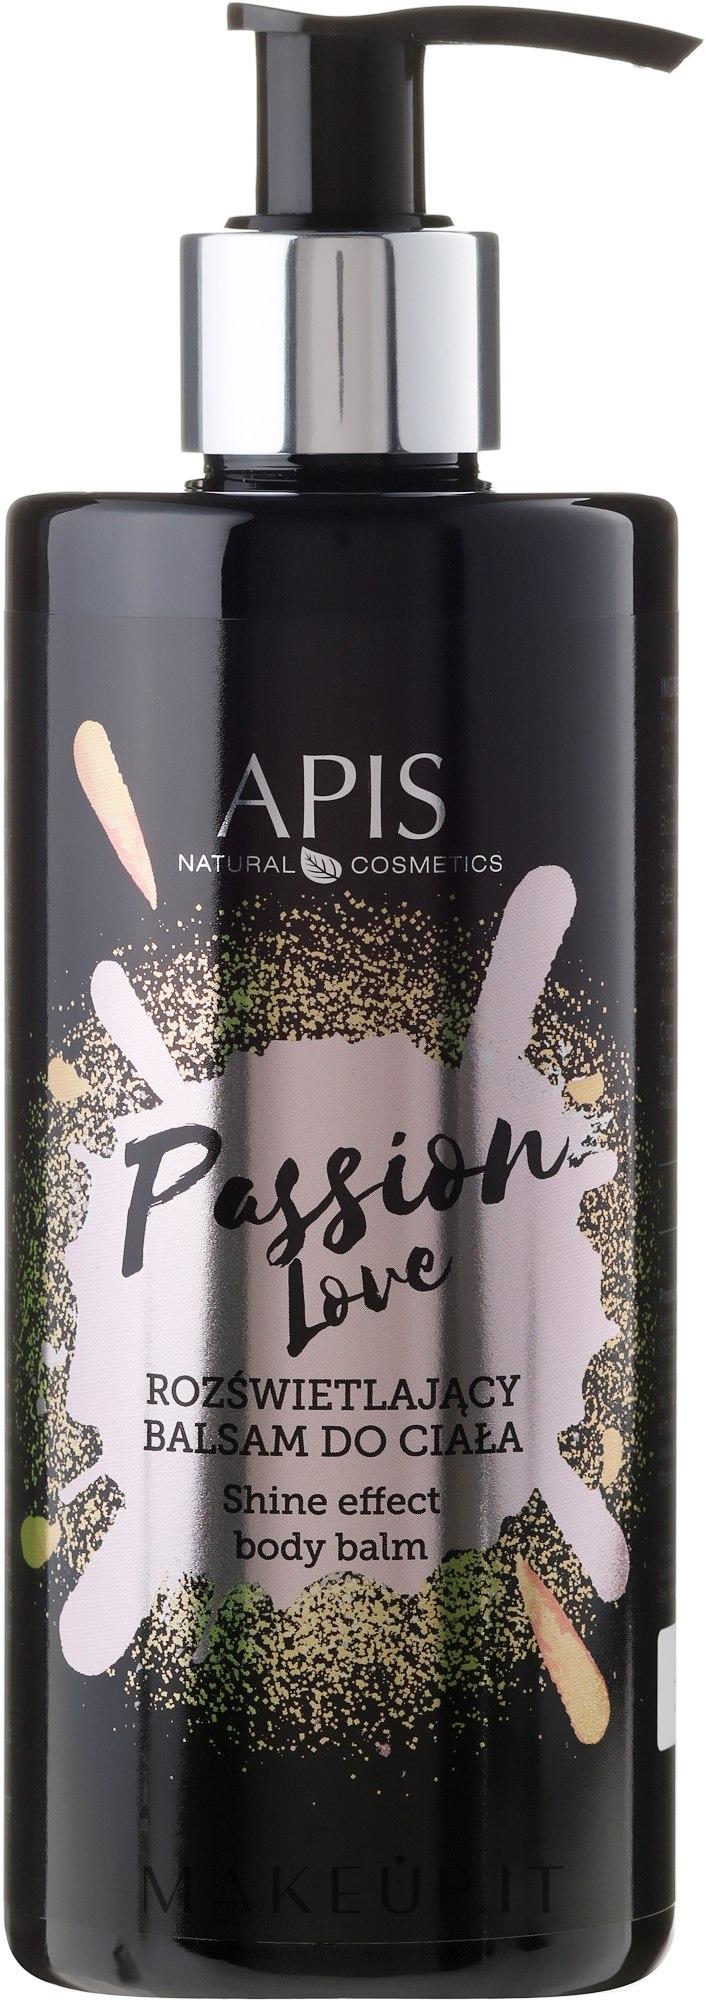 Balsamo corpo schiarente - APIS Professional Passion Love Body Balm — foto 300 ml